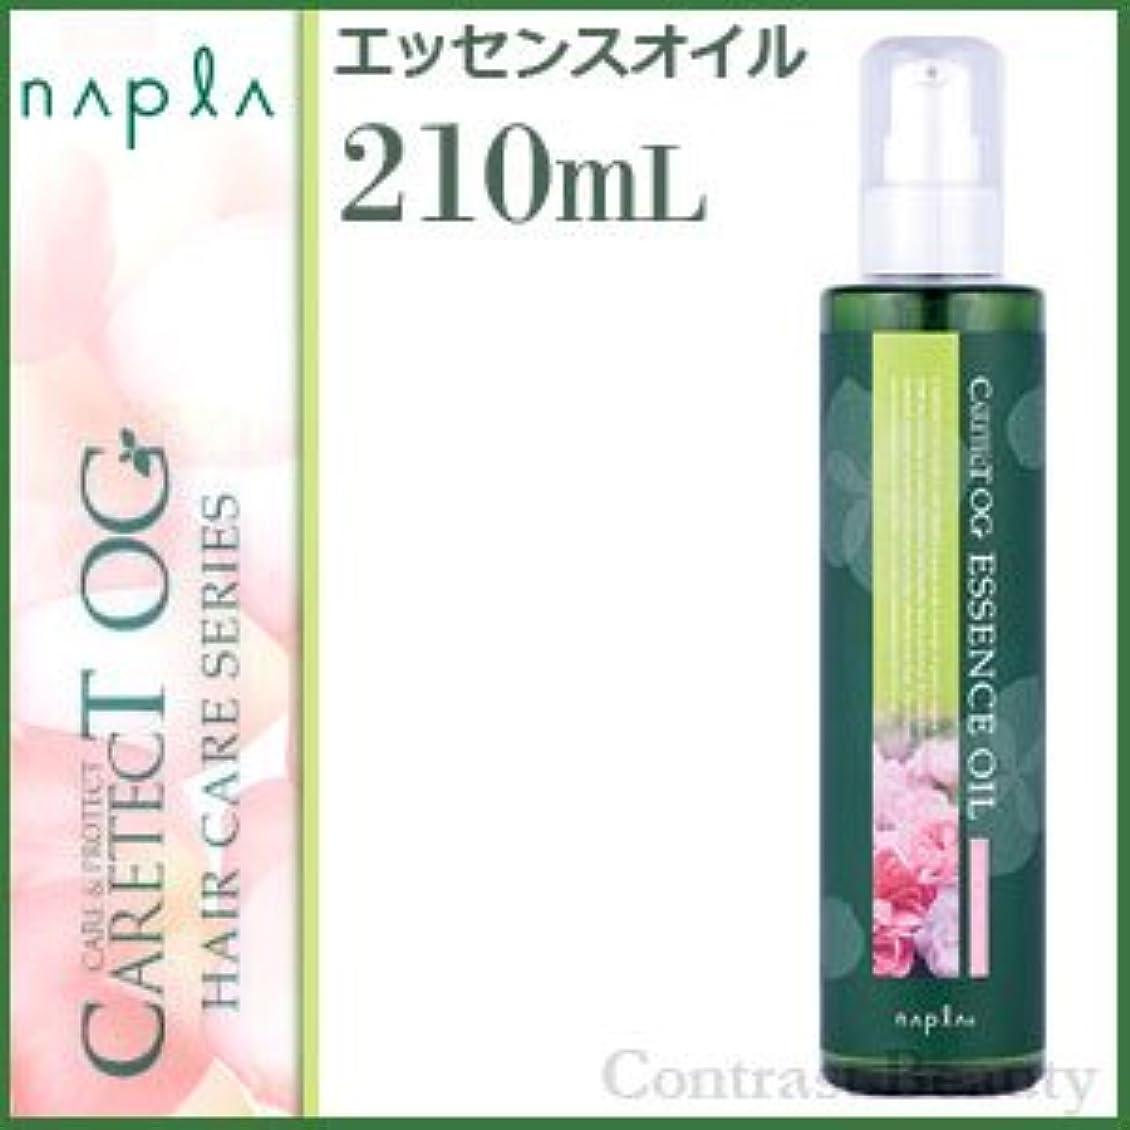 疎外するカバレッジ集計【X2個セット】 ナプラ ケアテクトOG エッセンスオイル 210ml